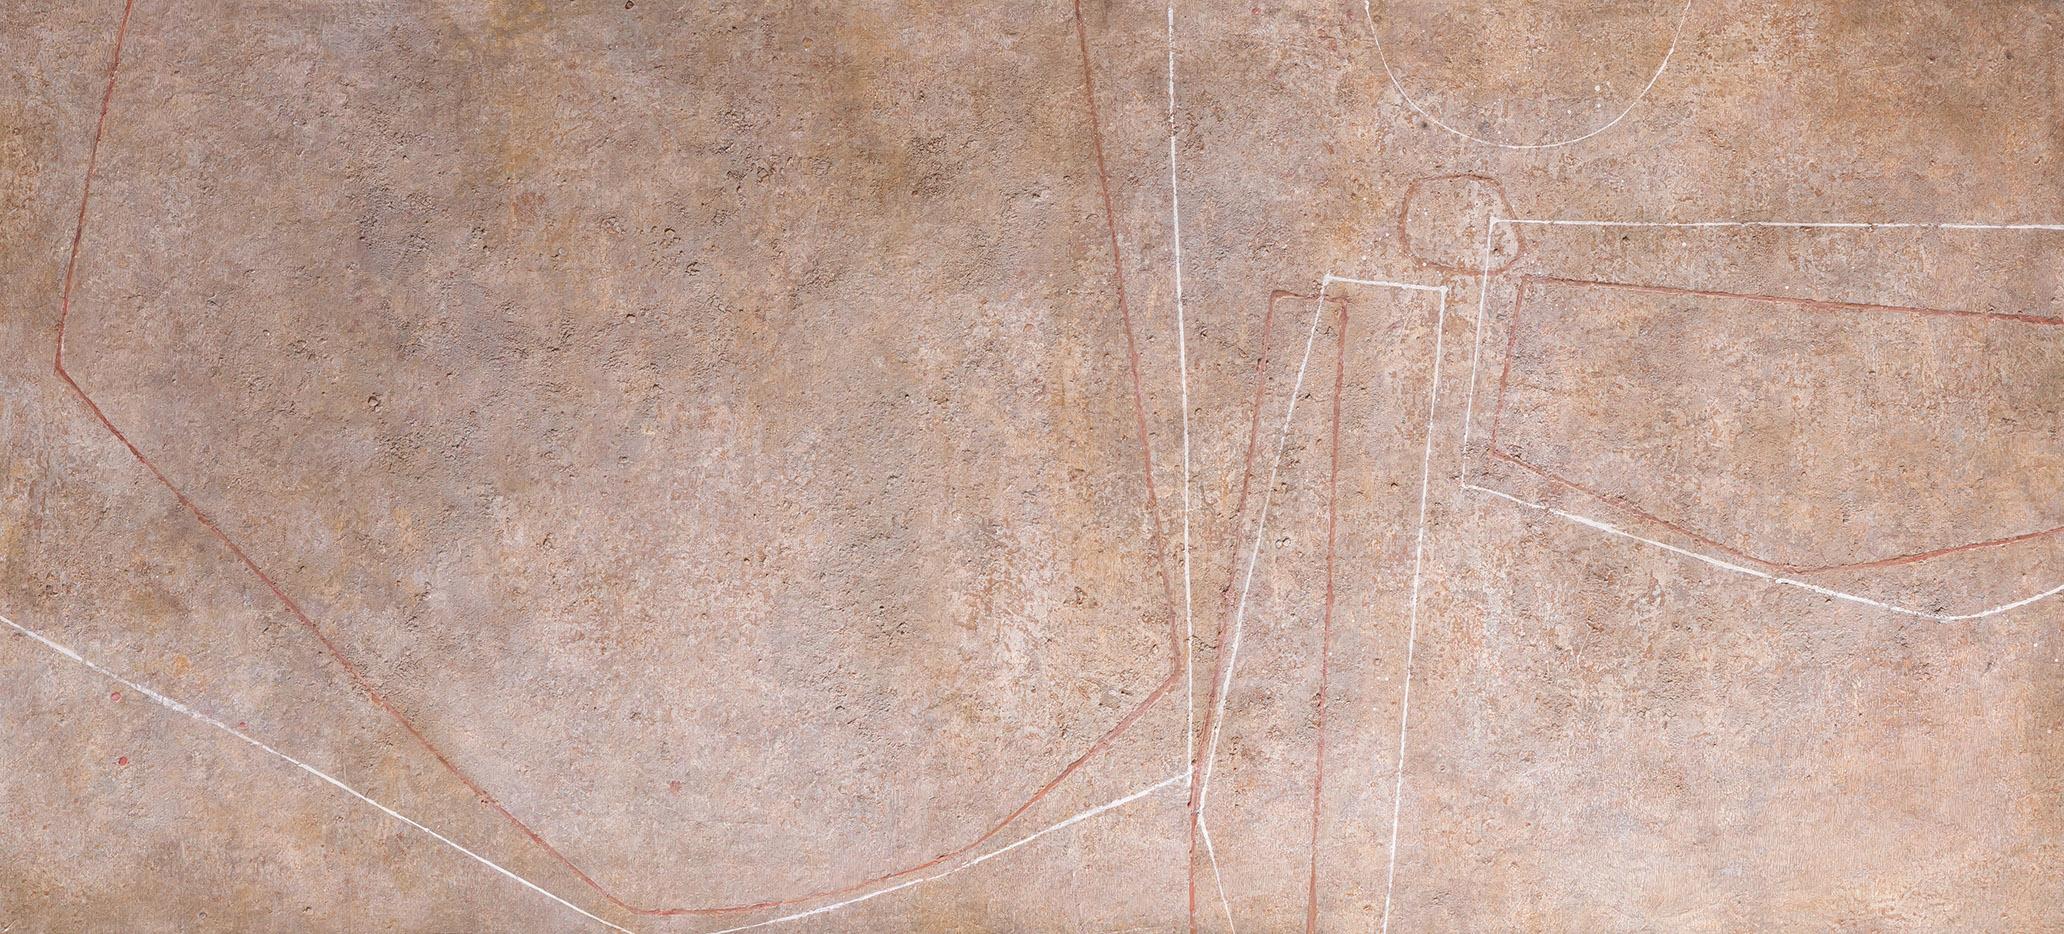 Luis Feito. Composición, 1955. Salida: 30.000 euros. Remate: 32.000 euros